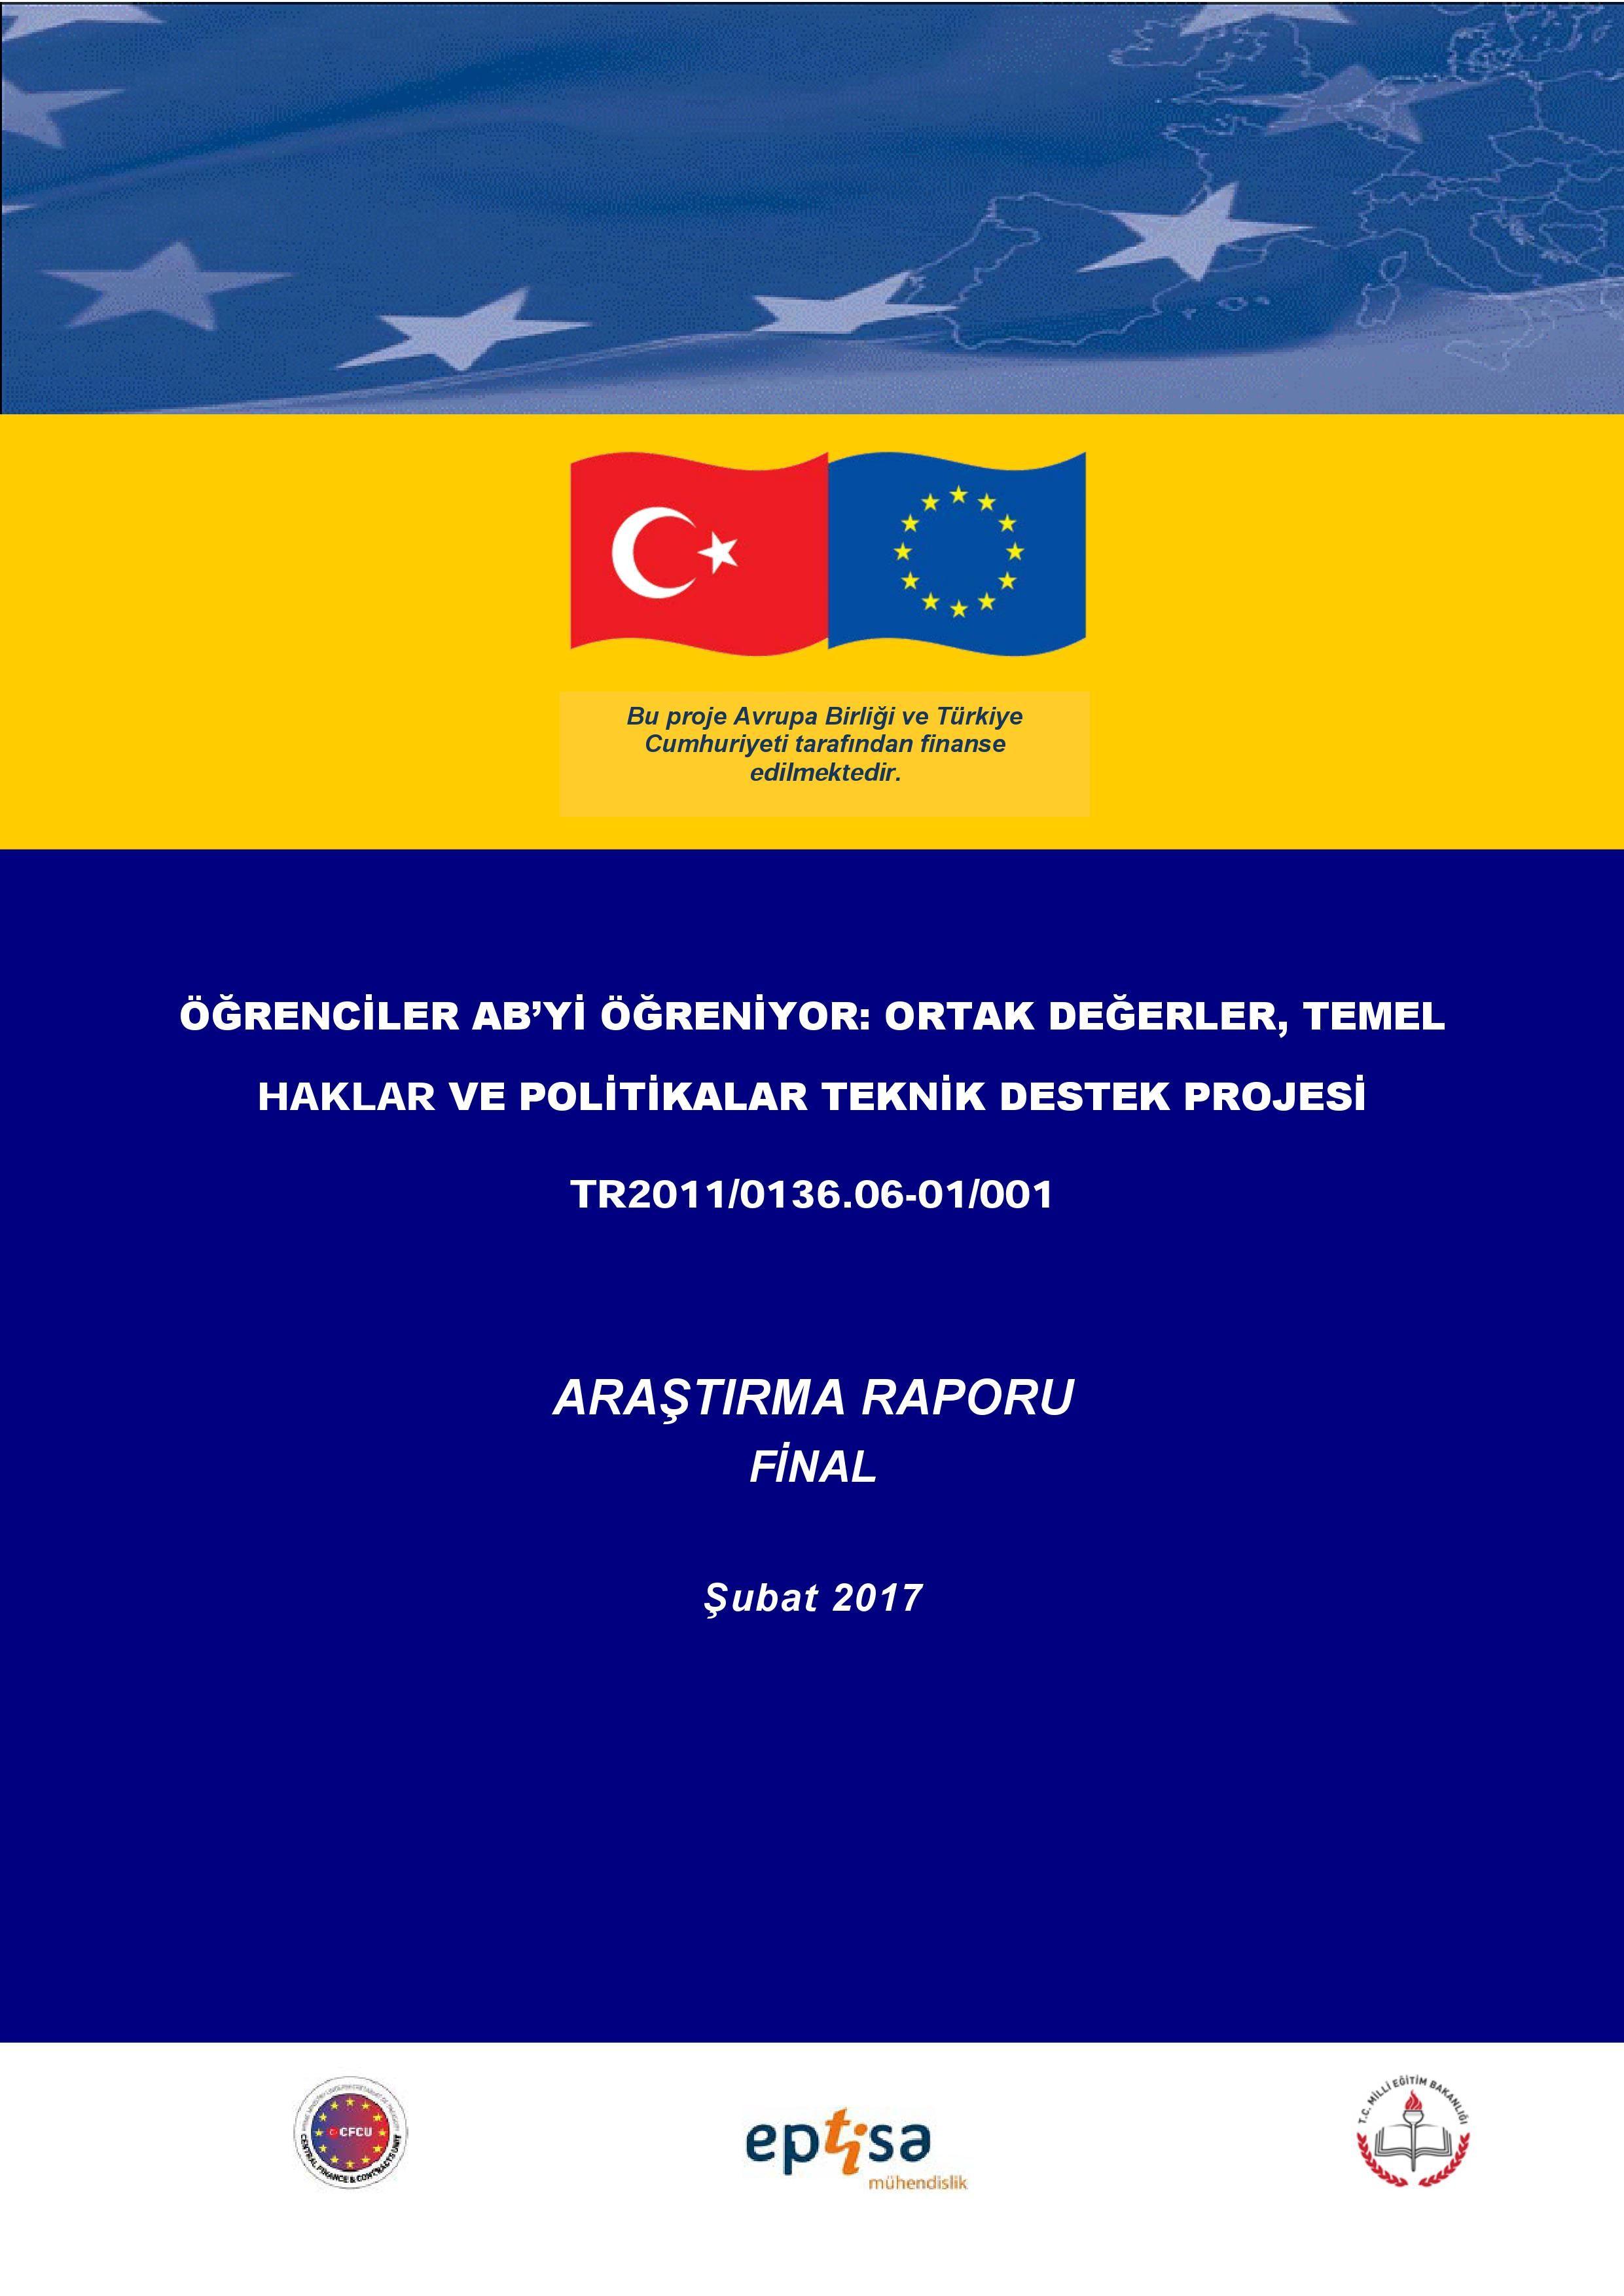 arastirma_raporu_final_kapak